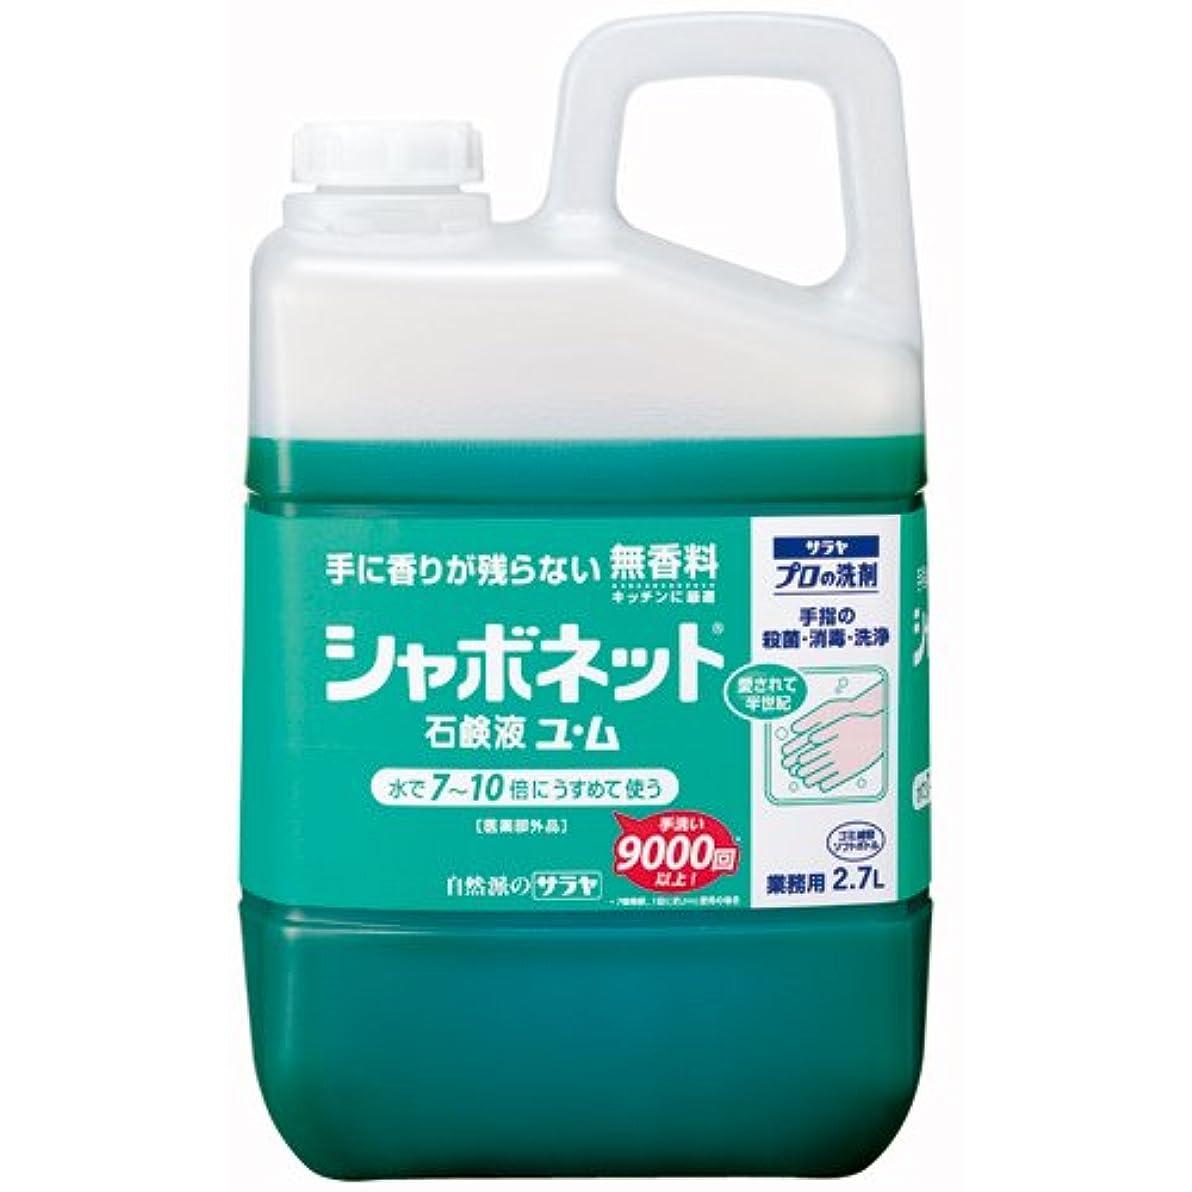 アヒルエンゲージメント代数サラヤ シャボネット石鹸液 ユ?ム 無香料 業務用 2.7L